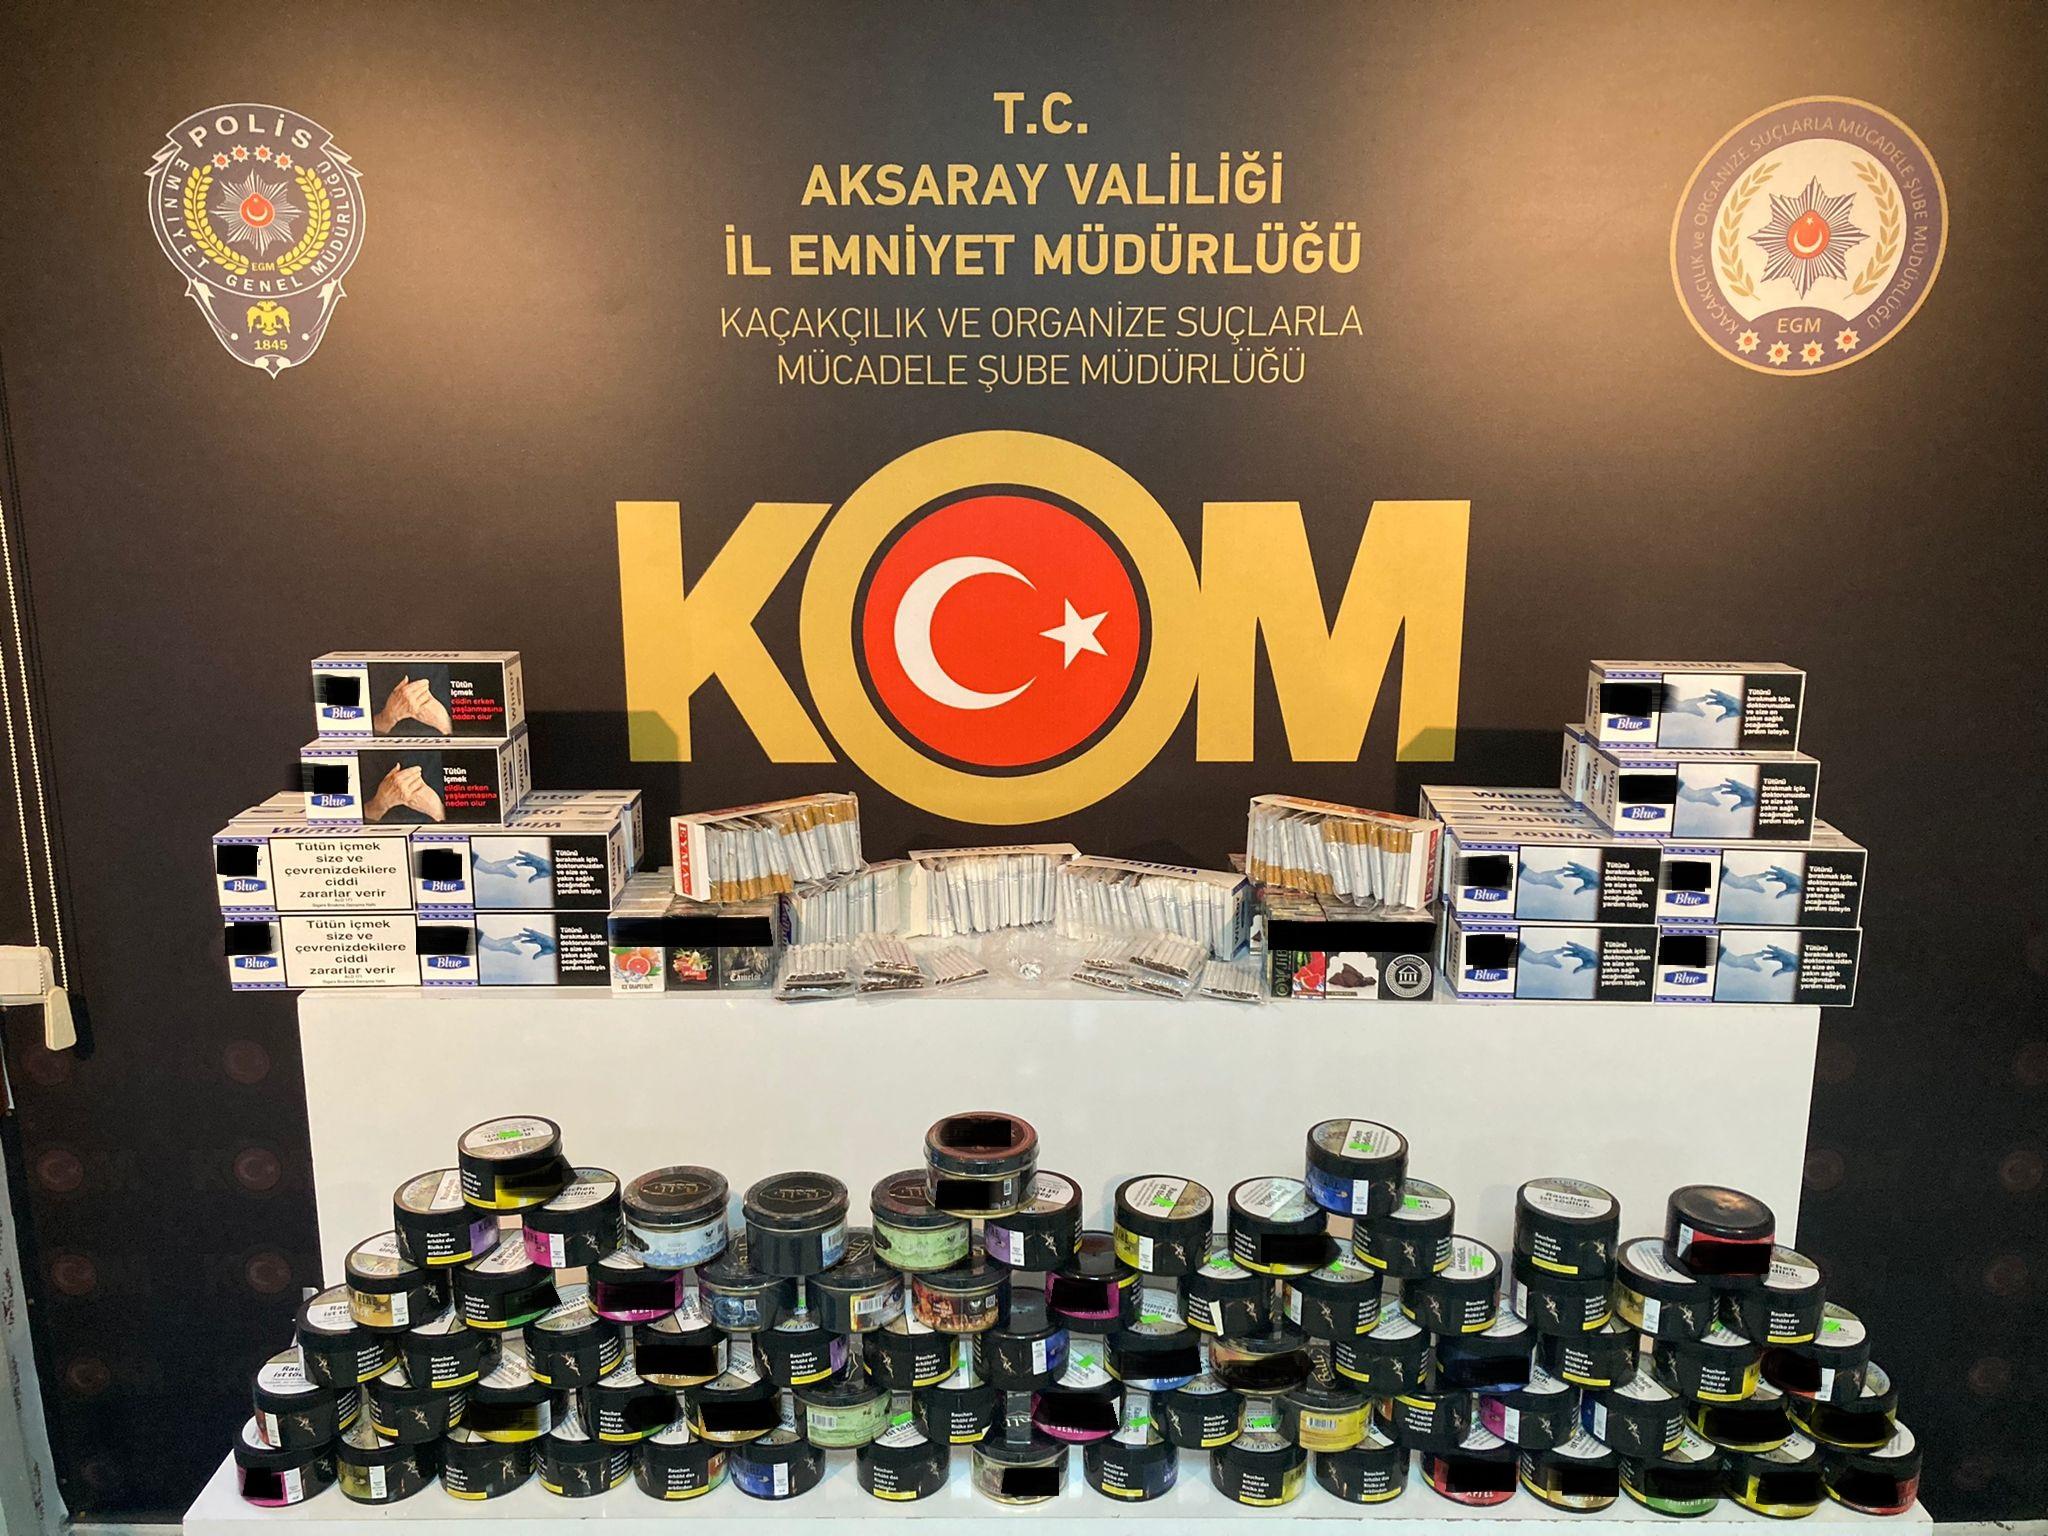 Kaçak tütün satışı yapan 2 kişiye işlem yapıldı